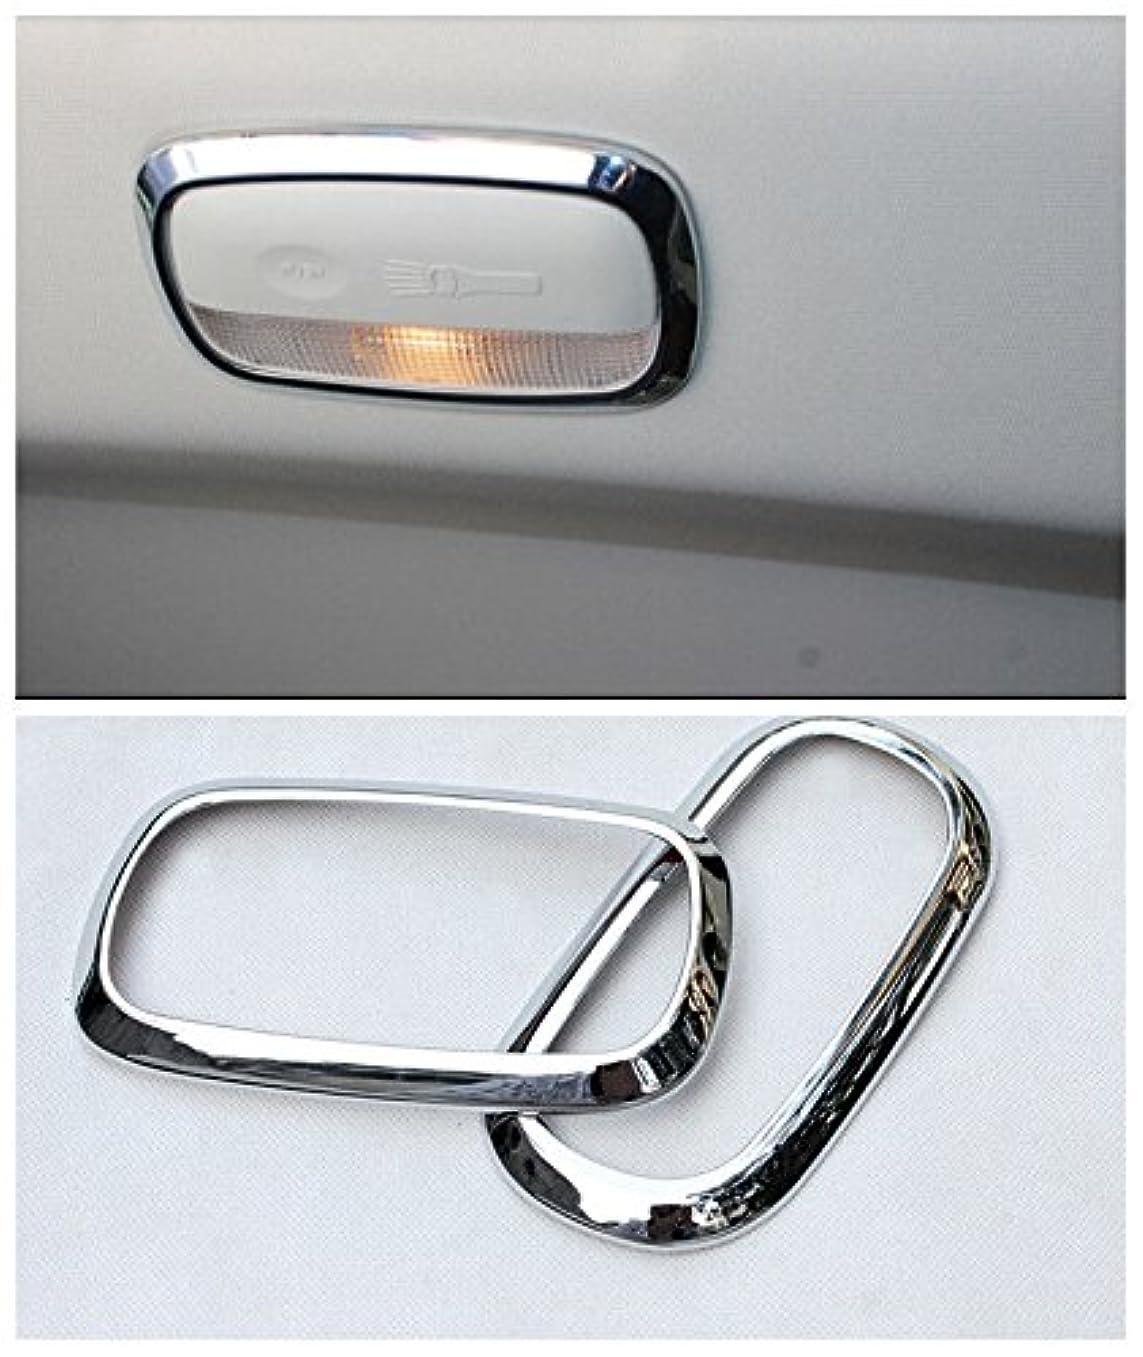 町無法者シンポジウムJicorzo - 2PCS Car Interior Middle+Rear Reading Light Cover Trim Fit For JEEP COMPASS 2011-2015 Car Interior Accessories Styling